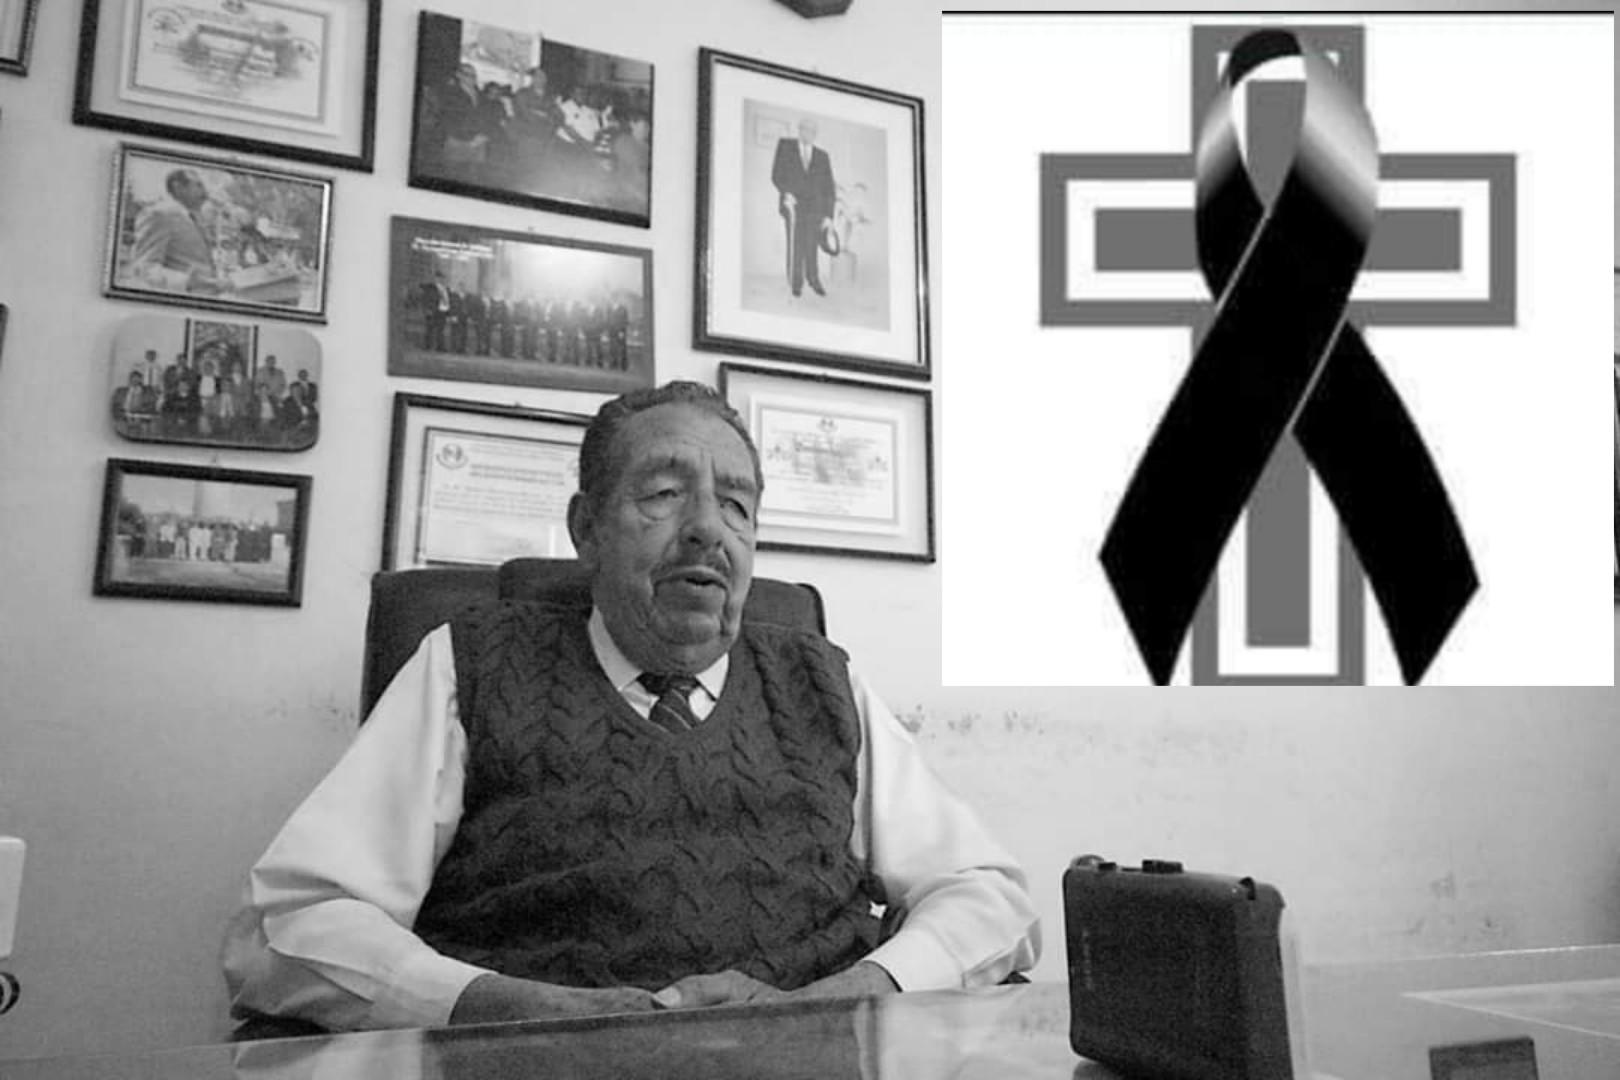 FALLECE DON ROBERTO DOMÍNGUEZ, FUNDADOR DE PROTECCIÓN CIVIL EN IRAPUATO 2